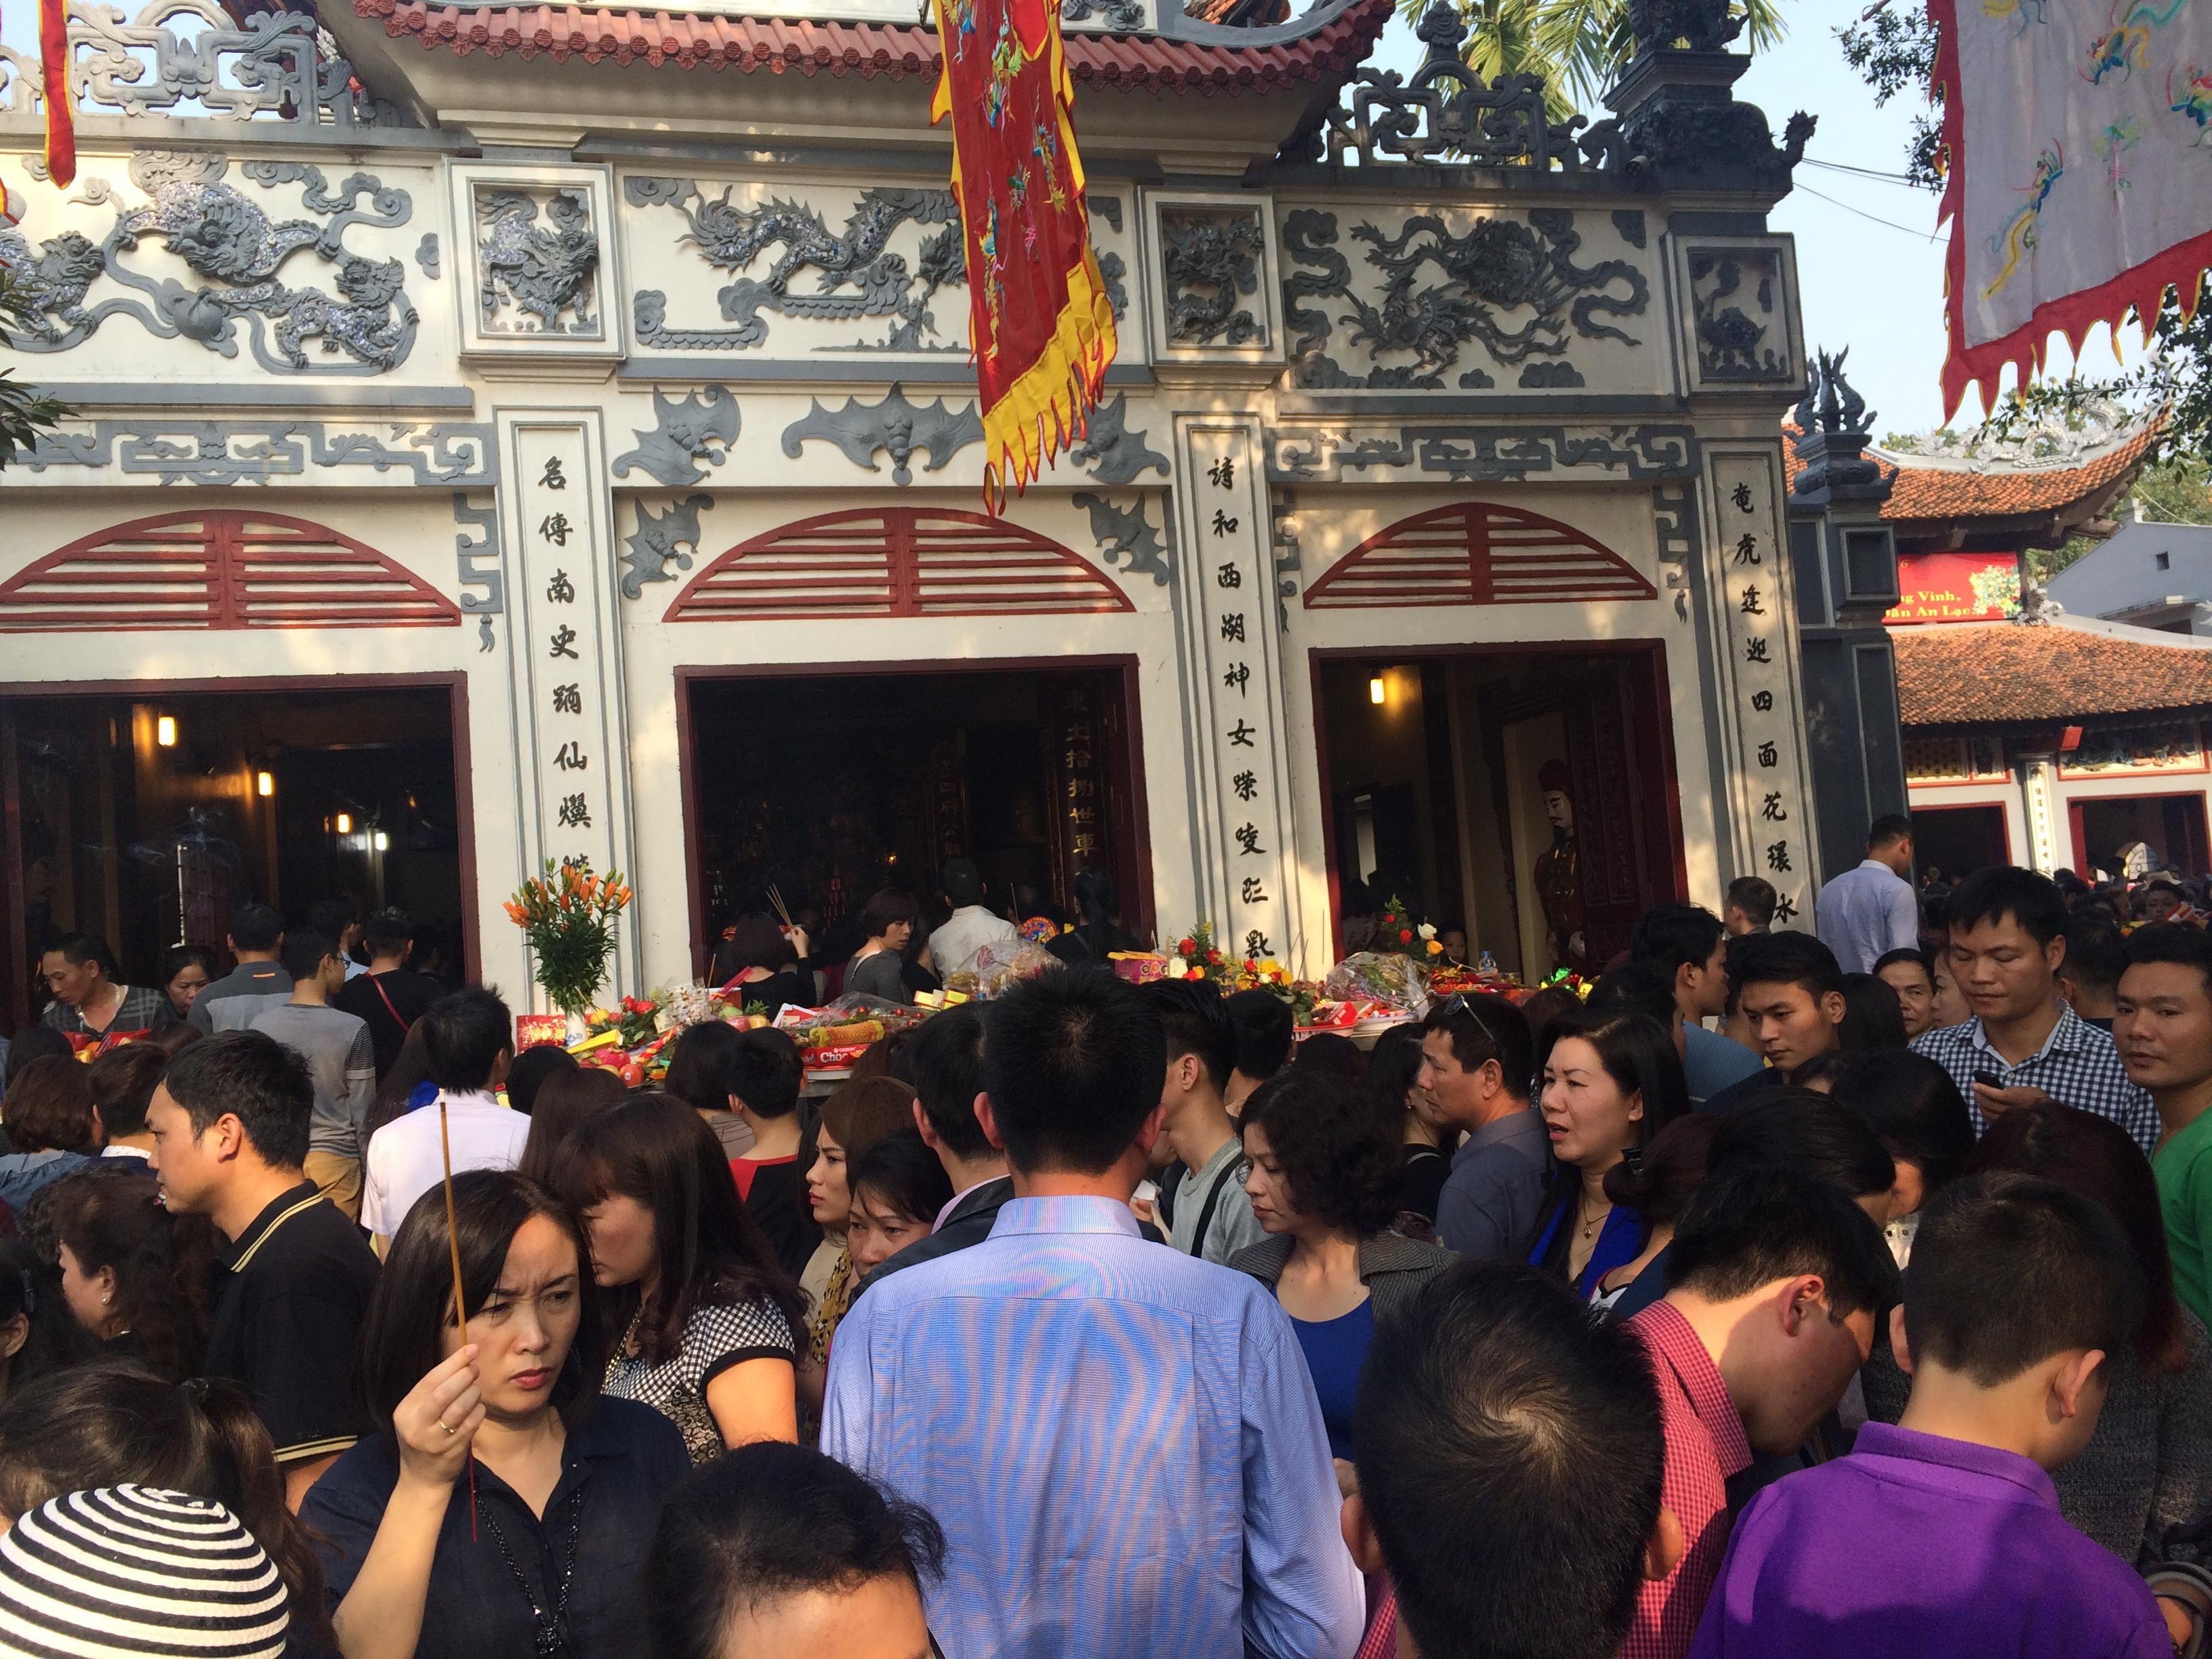 Thủ tướng yêu cầu cán bộ, công chức không đi lễ hội trong giờ hành chính 1